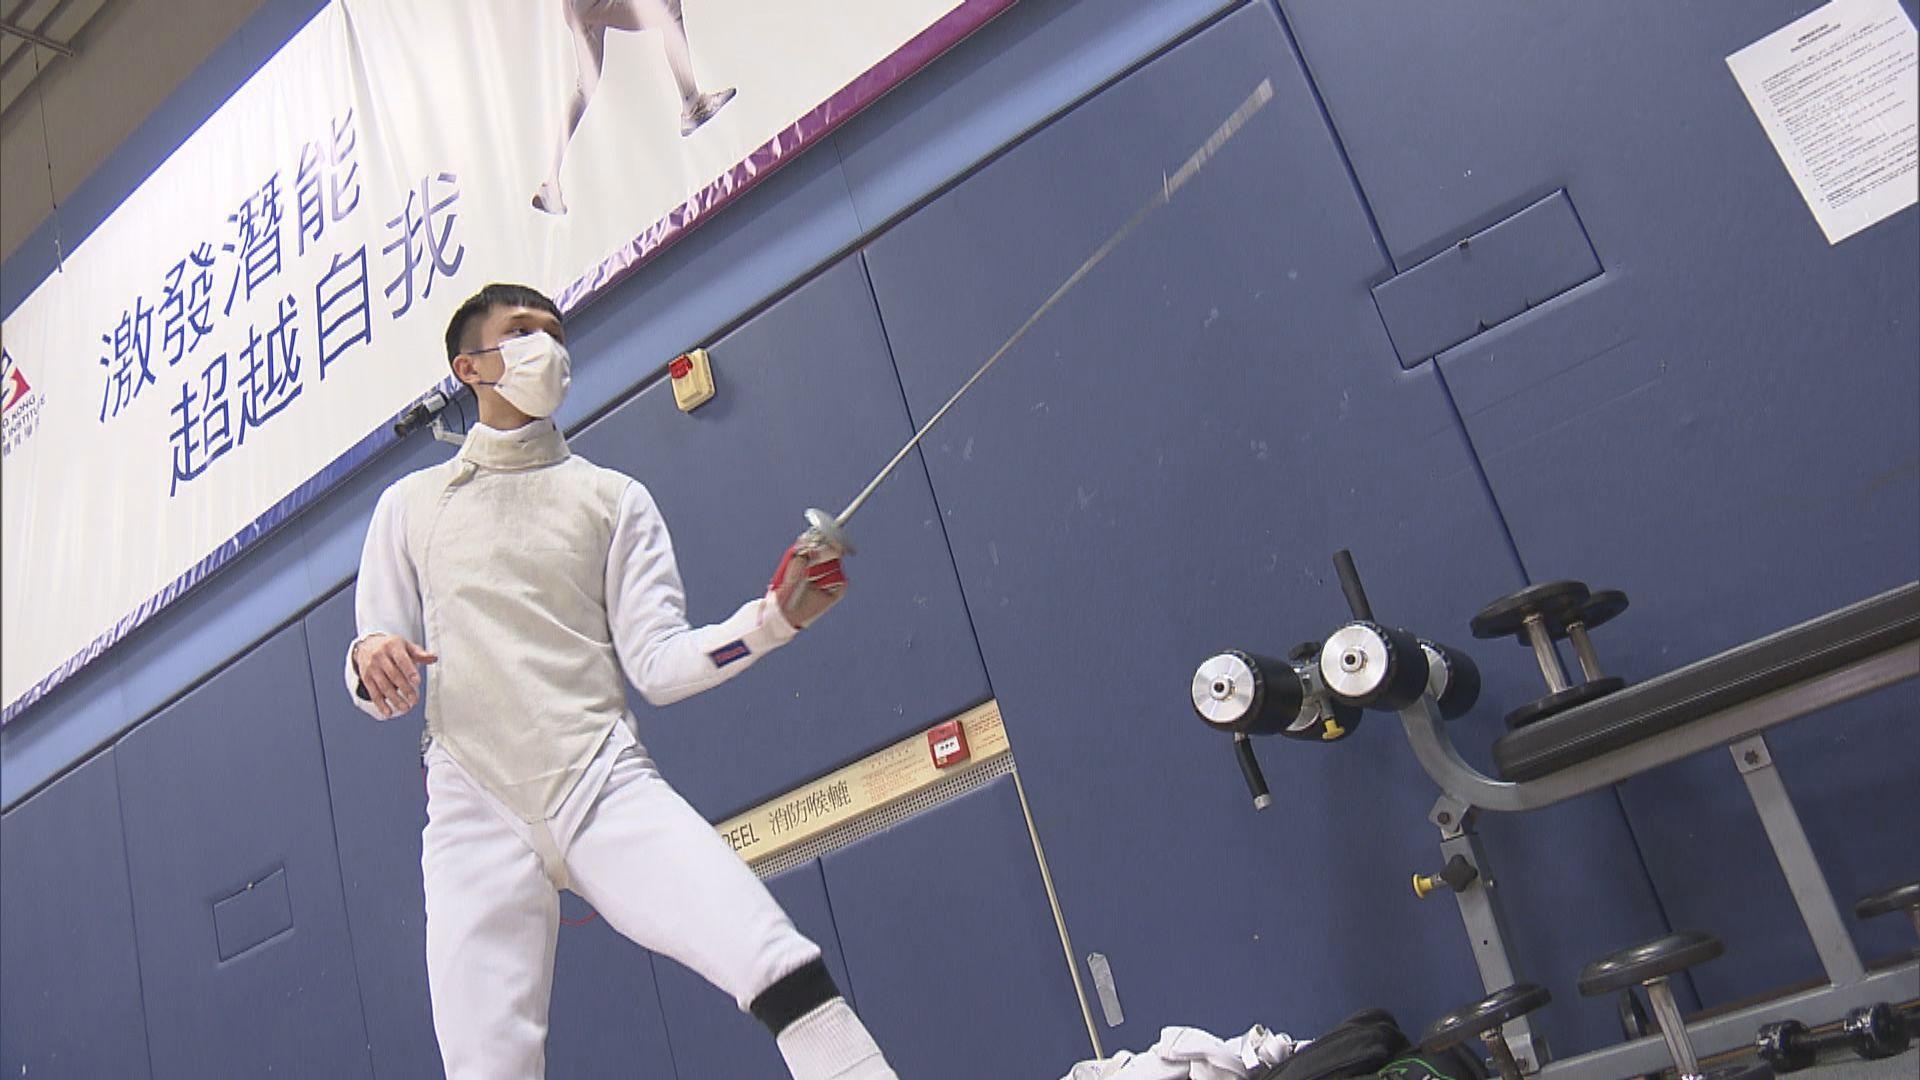 【備戰奧運】劍擊隊破紀錄取八個參賽資格 花劍新晉一哥蔡俊彥稱備戰著重調整心態